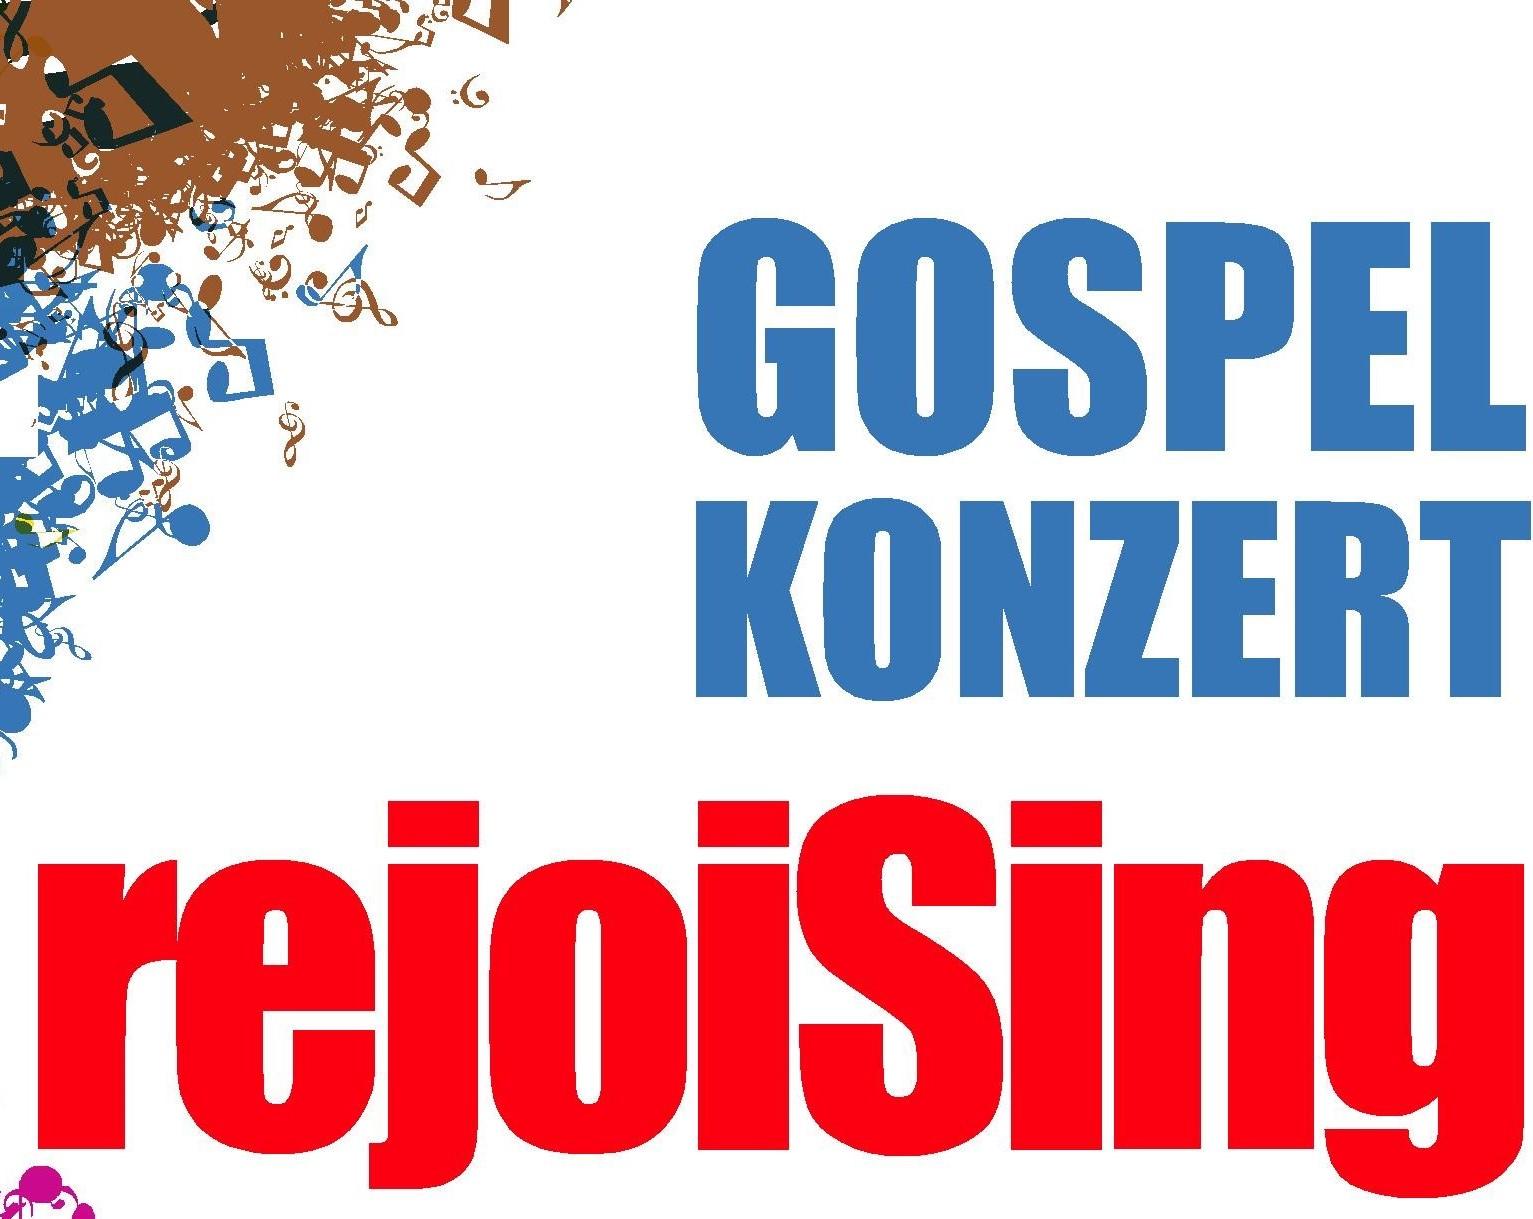 Herzliche Einladung zum Gospel-Konzert am 11. November